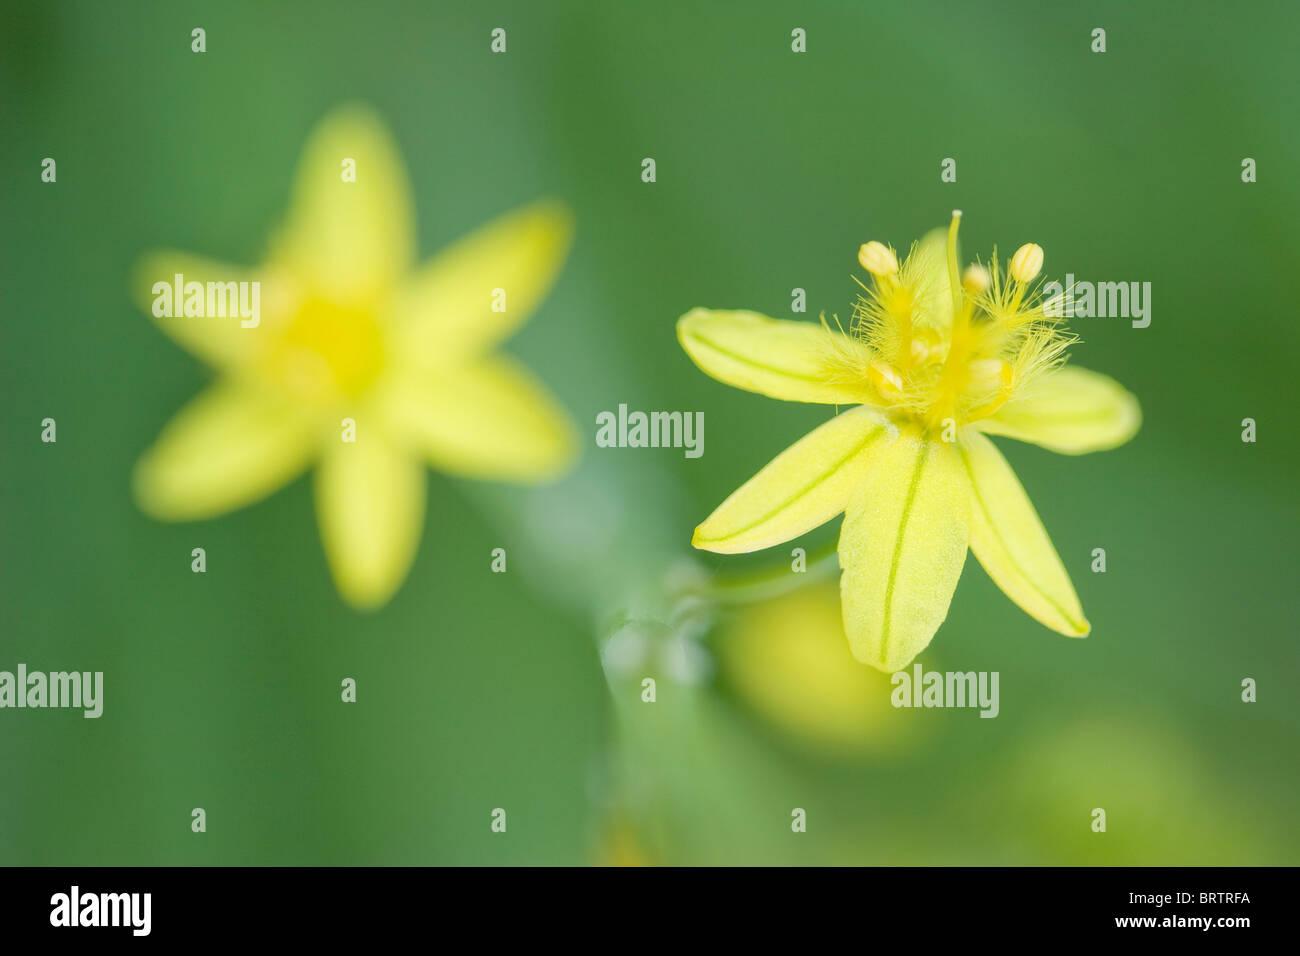 Fiore giallo forma di Bulbine,frutescens in macro liscio con sfondo verde Immagini Stock